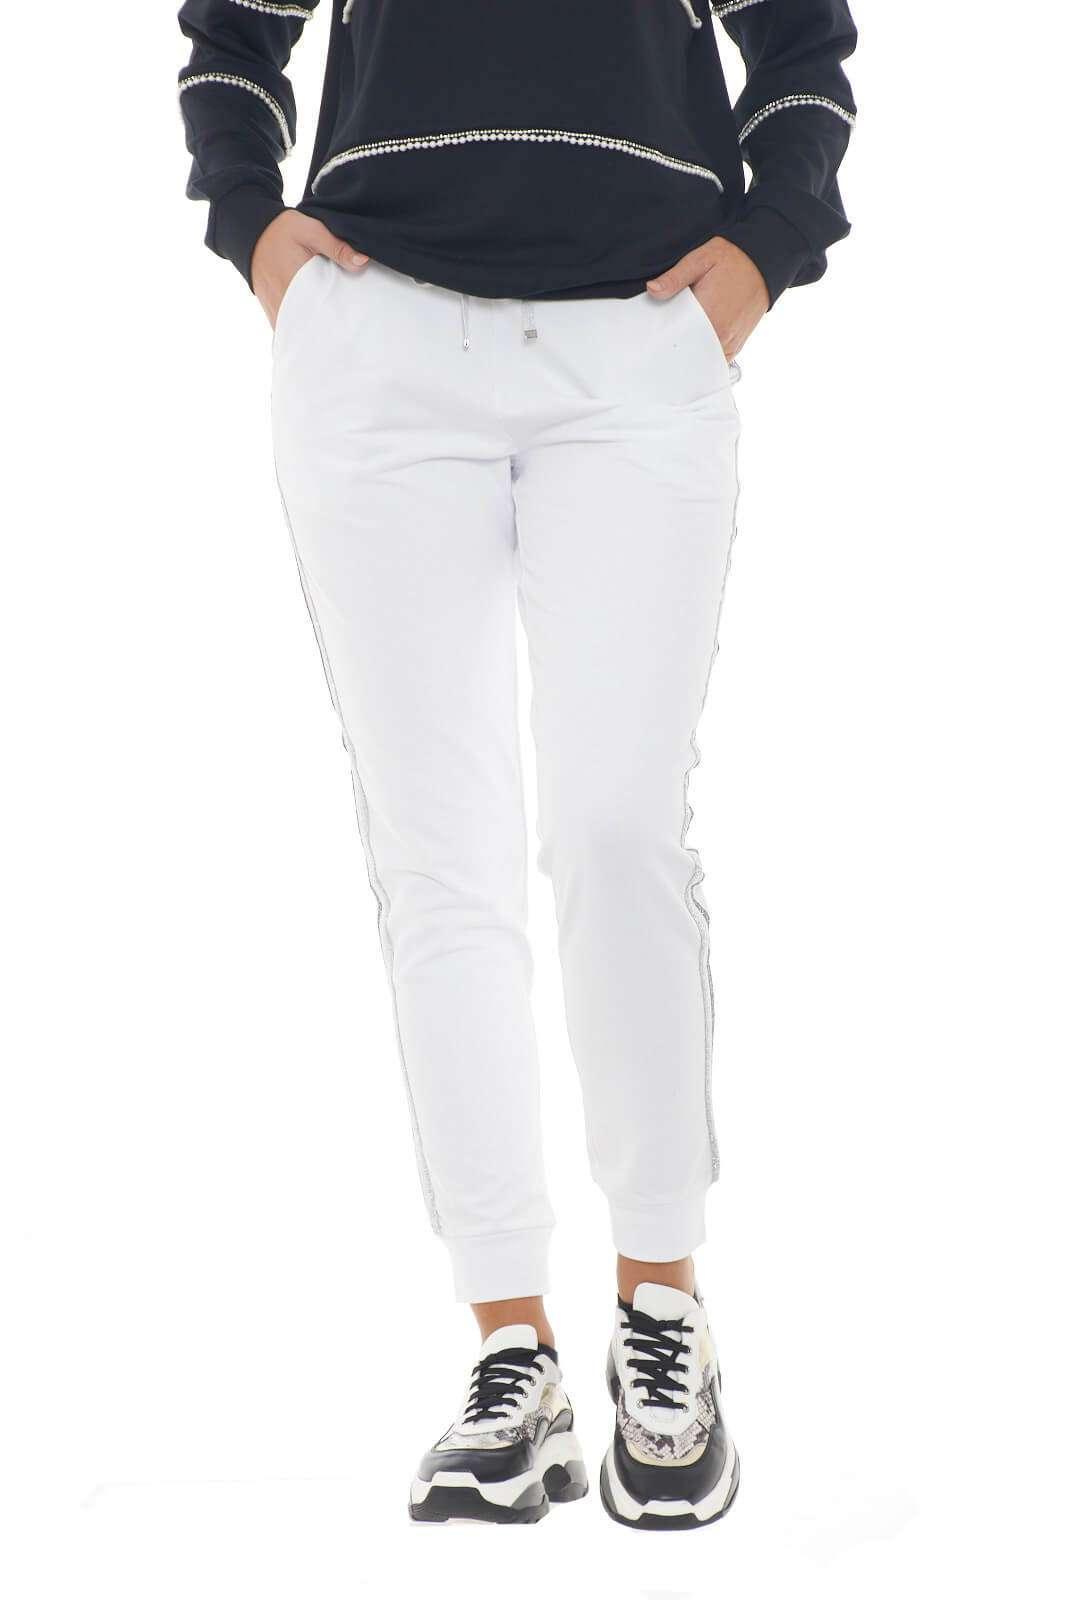 Un pantalone sportivo dal gusto chic quello proposto dalla nuova collezione donna Liu Jo Sport. Da abbinare ad ogni stile, è perfetto per i look quotidiani.